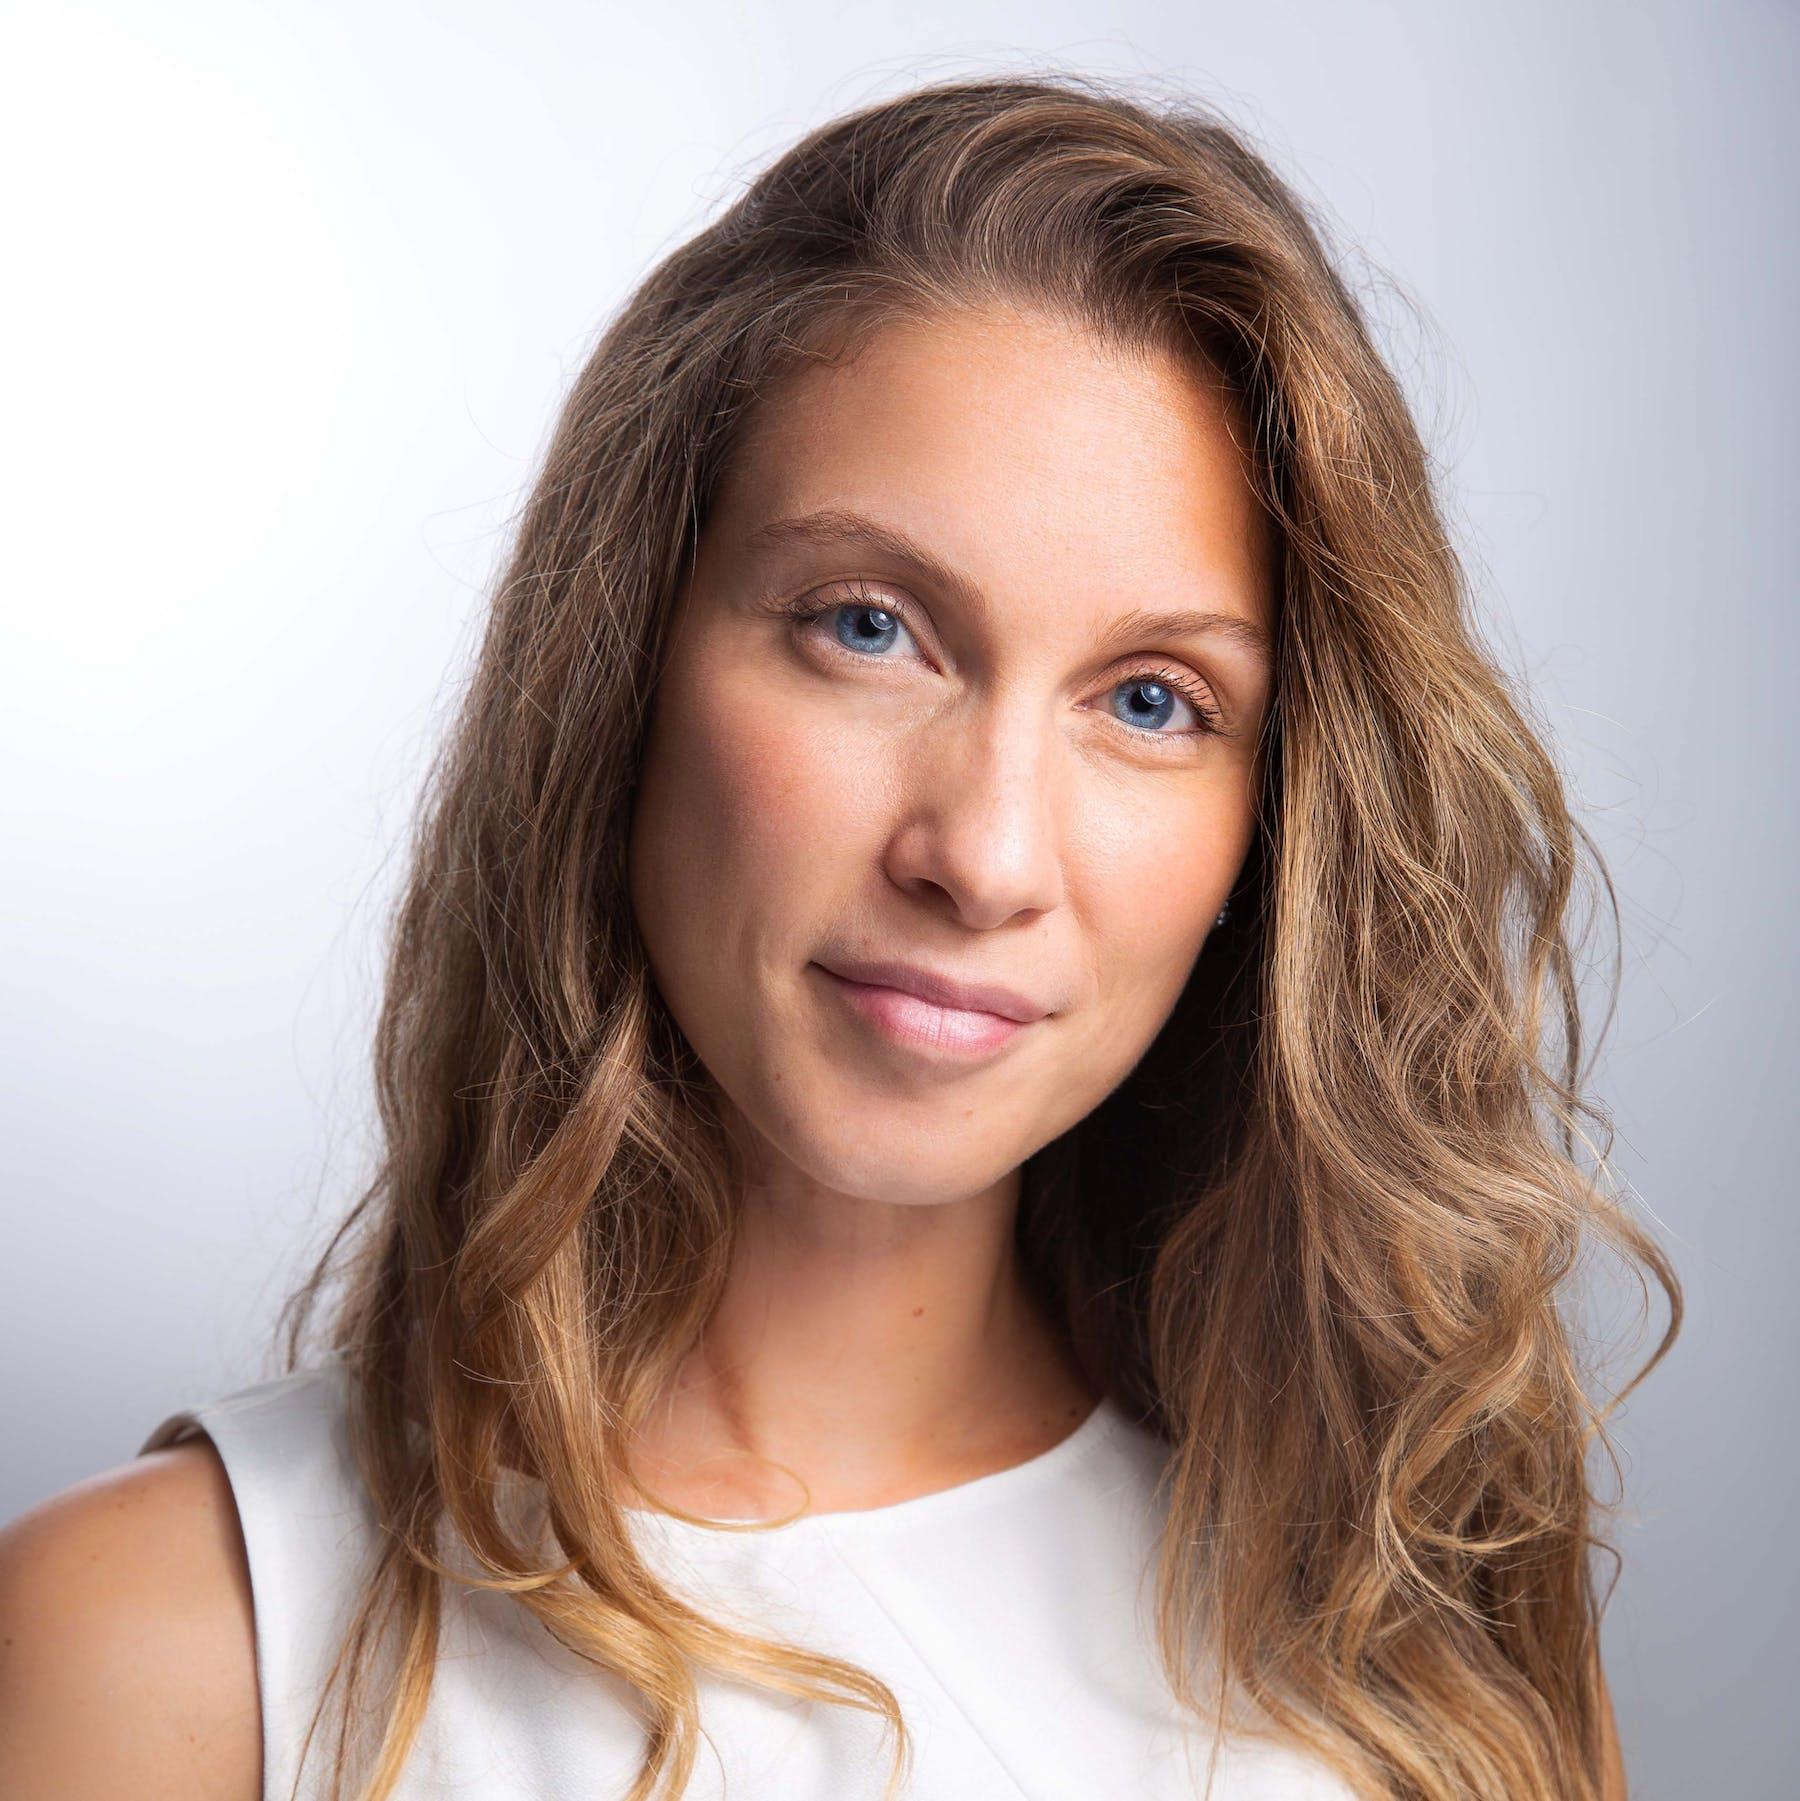 Anaïs LIEFOOGHE, Énergéticienne - Maître enseignante Reïki Usui Coach en psychologie positive et Naturopathe à Lille.